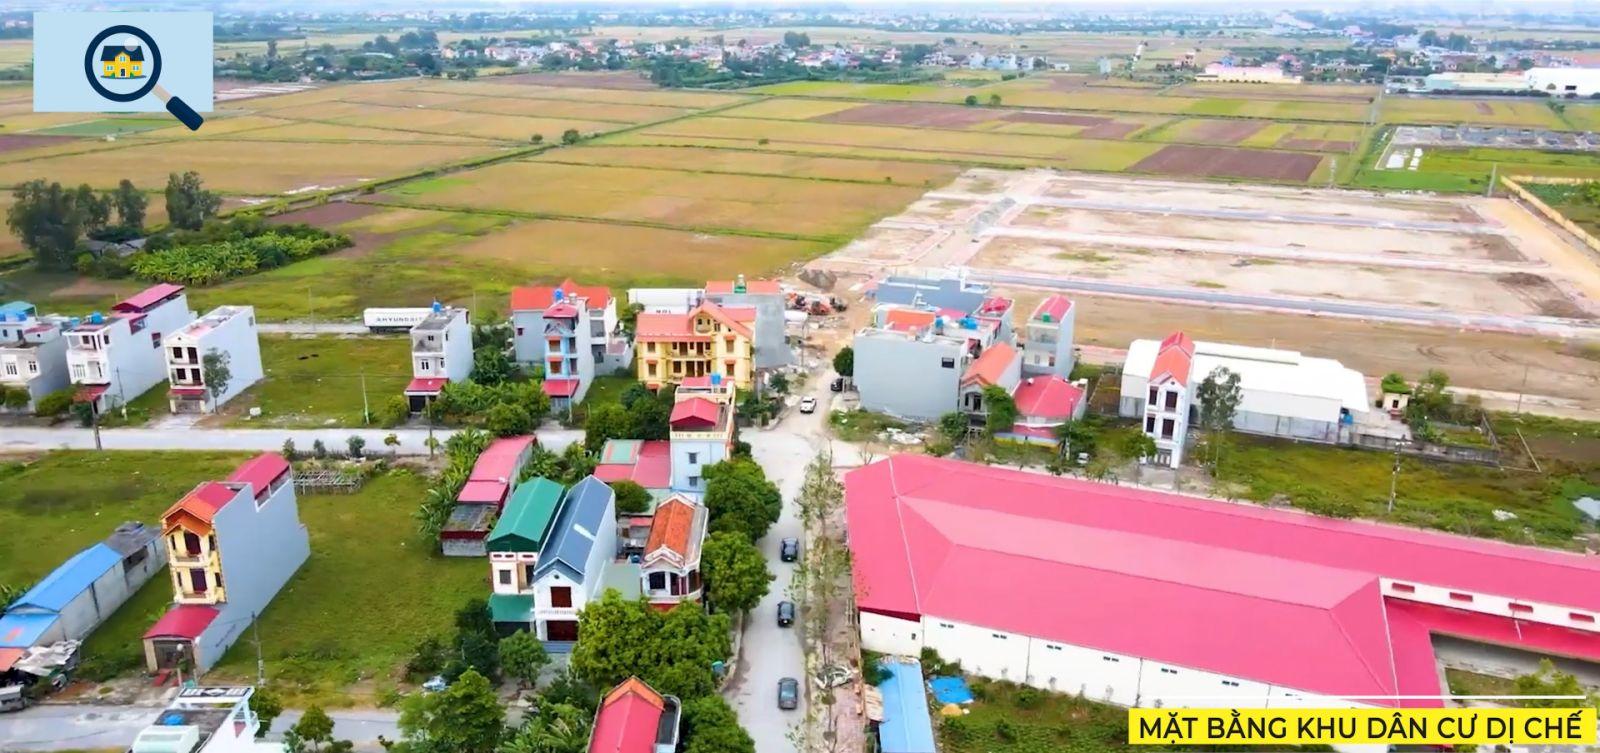 Khu dân cư sầm uất, Nhà văn hóa Tiên Lữ, hạ tầng hoàn thiện 2021